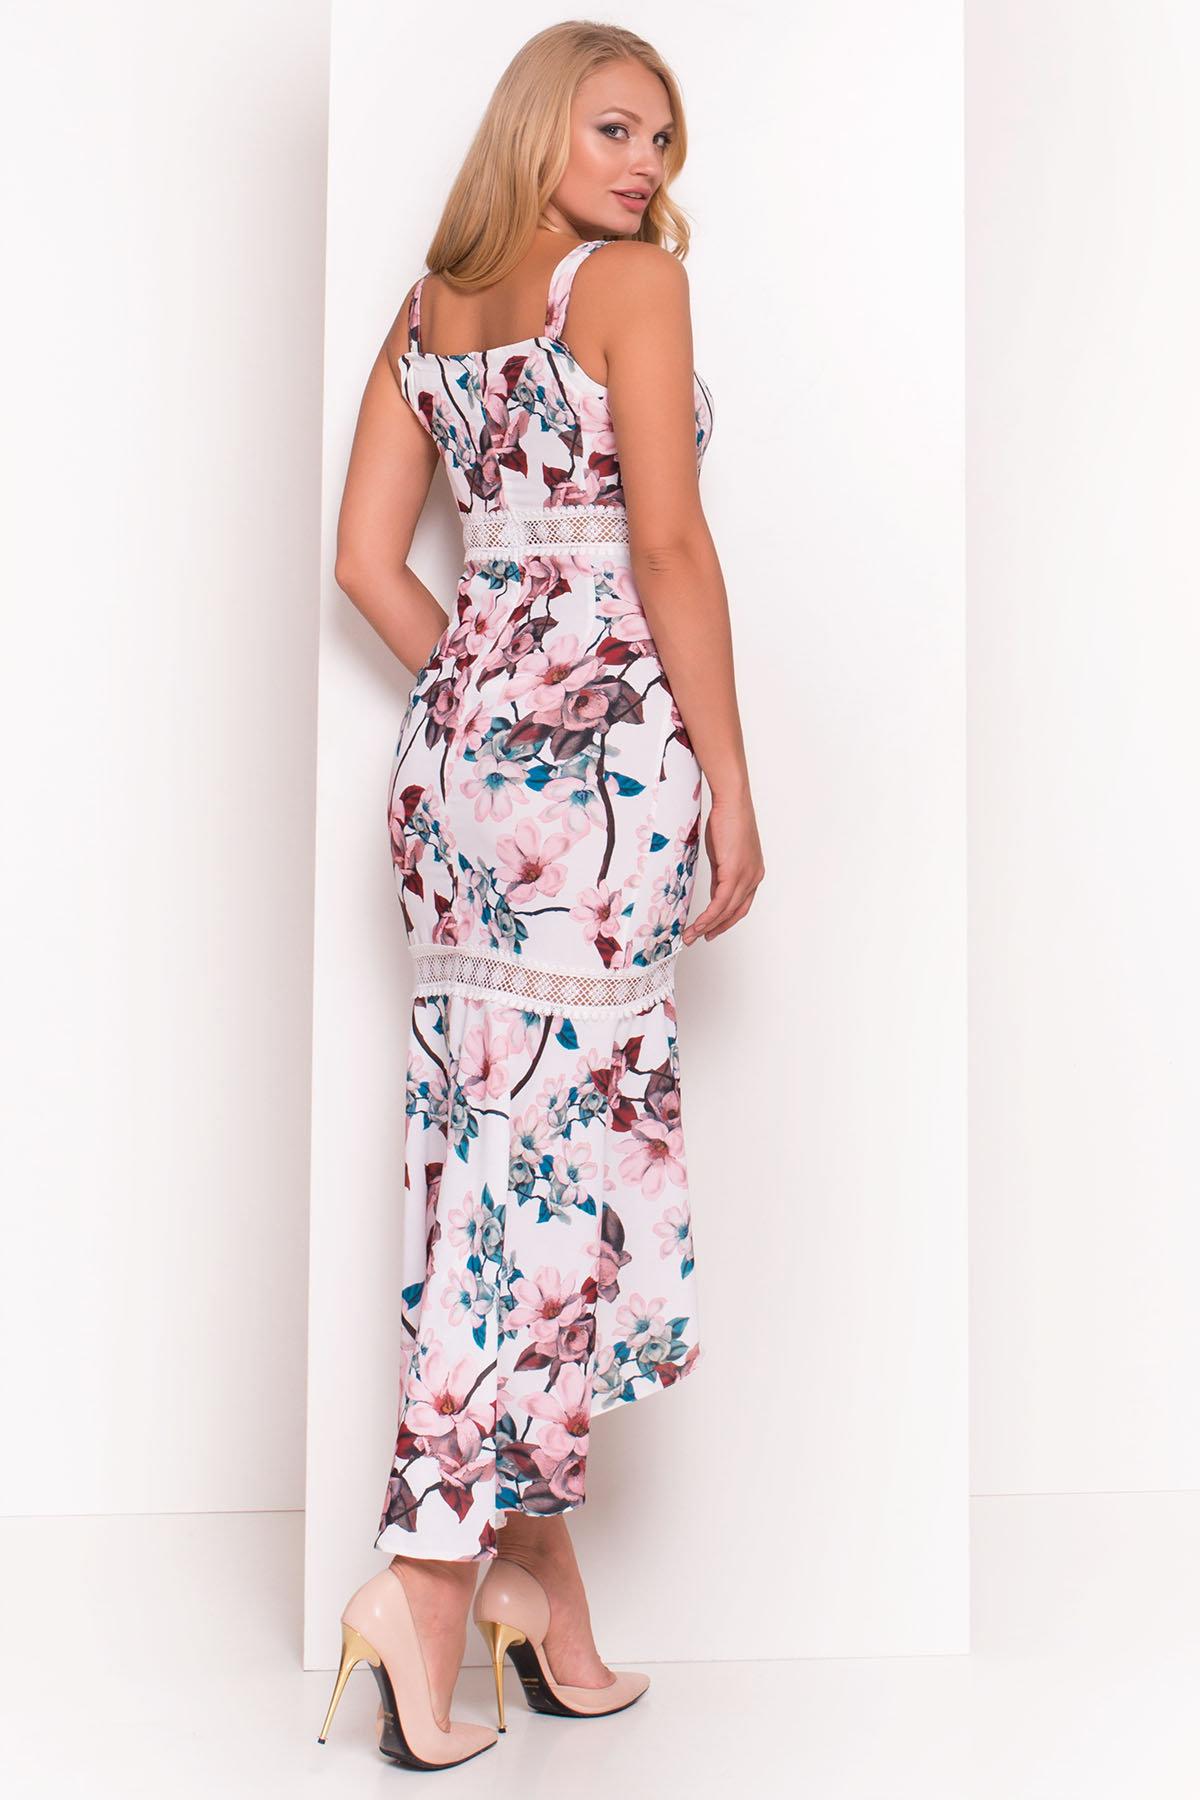 Платье Регина Donna 5102 АРТ. 35777 Цвет: Молоко/персик - фото 2, интернет магазин tm-modus.ru